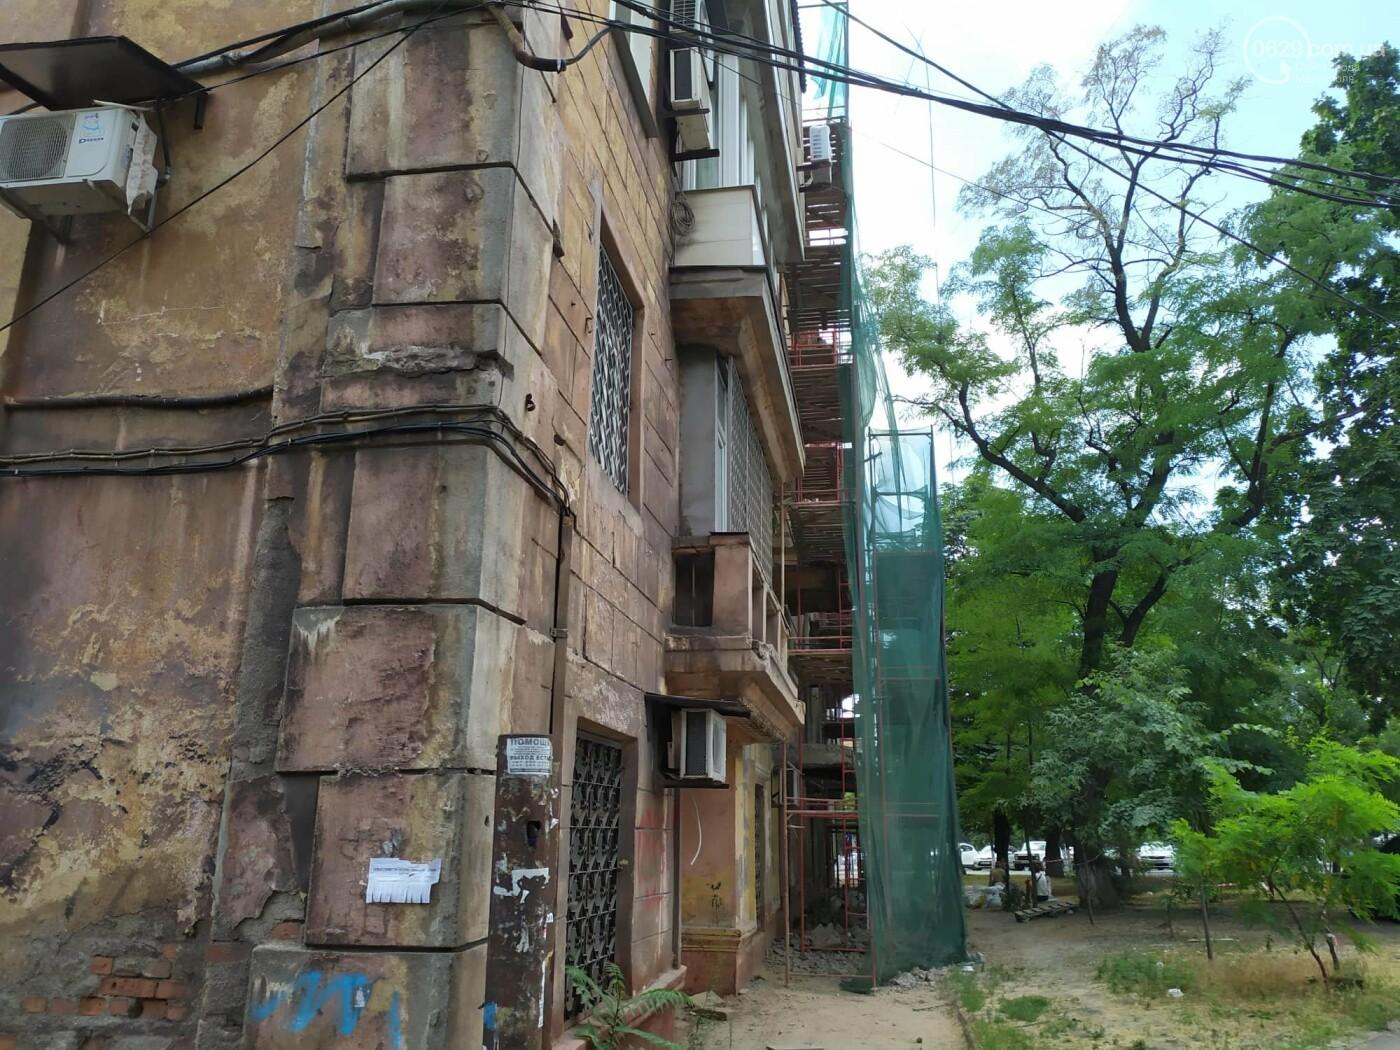 Опасный ремонт! В центре Мариуполя грабители лезут по строительным лесам в квартиры многоэтажки, - ФОТО, фото-5